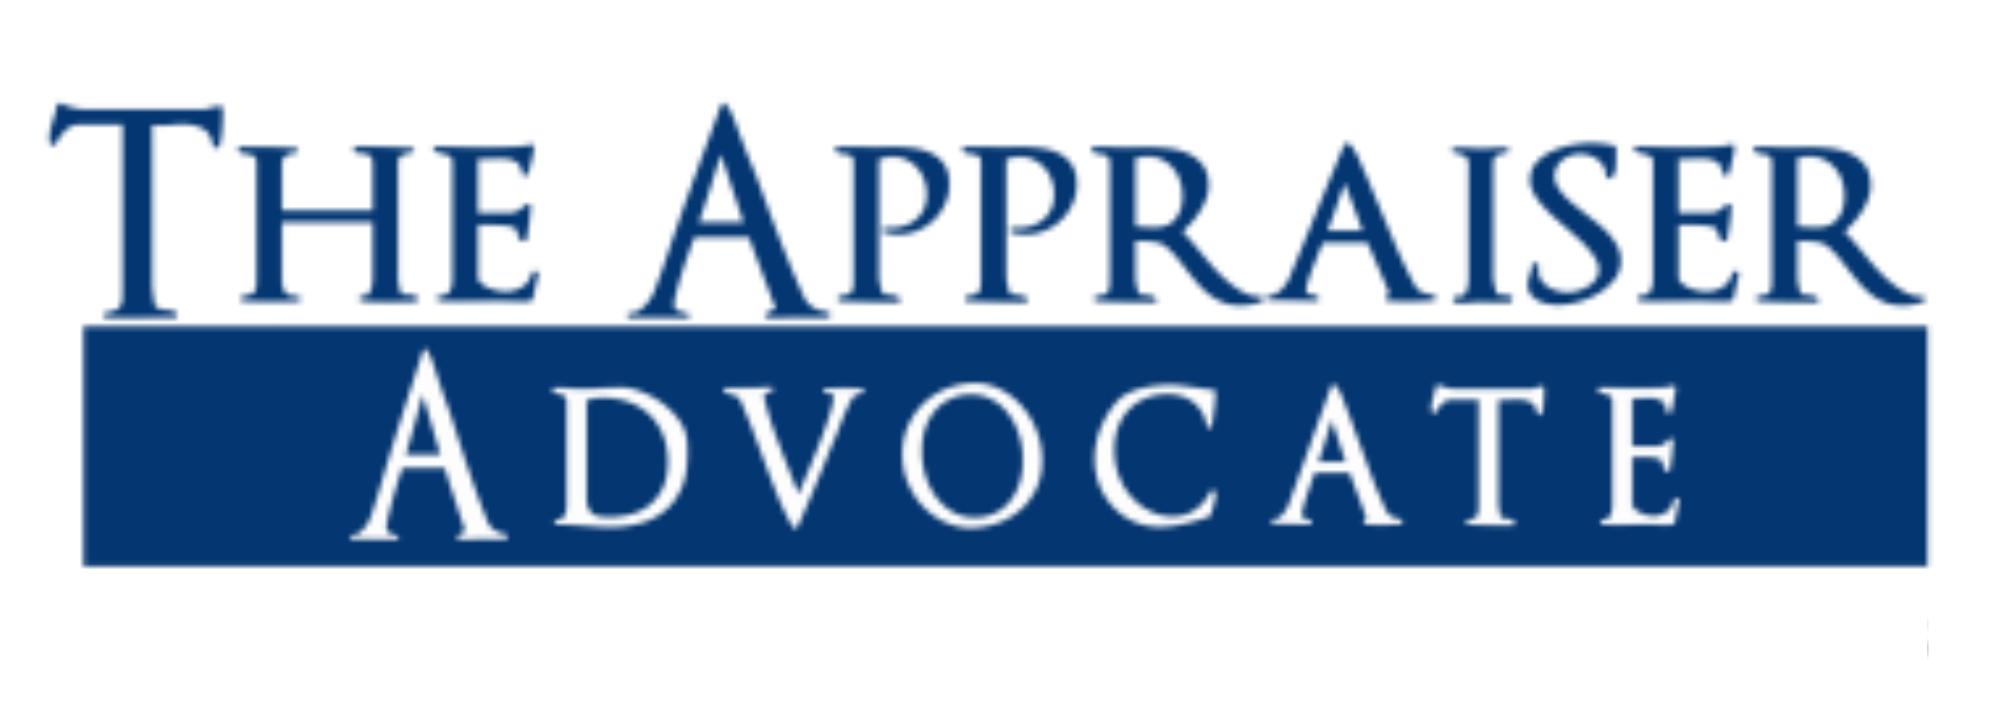 The Appraiser Advocate